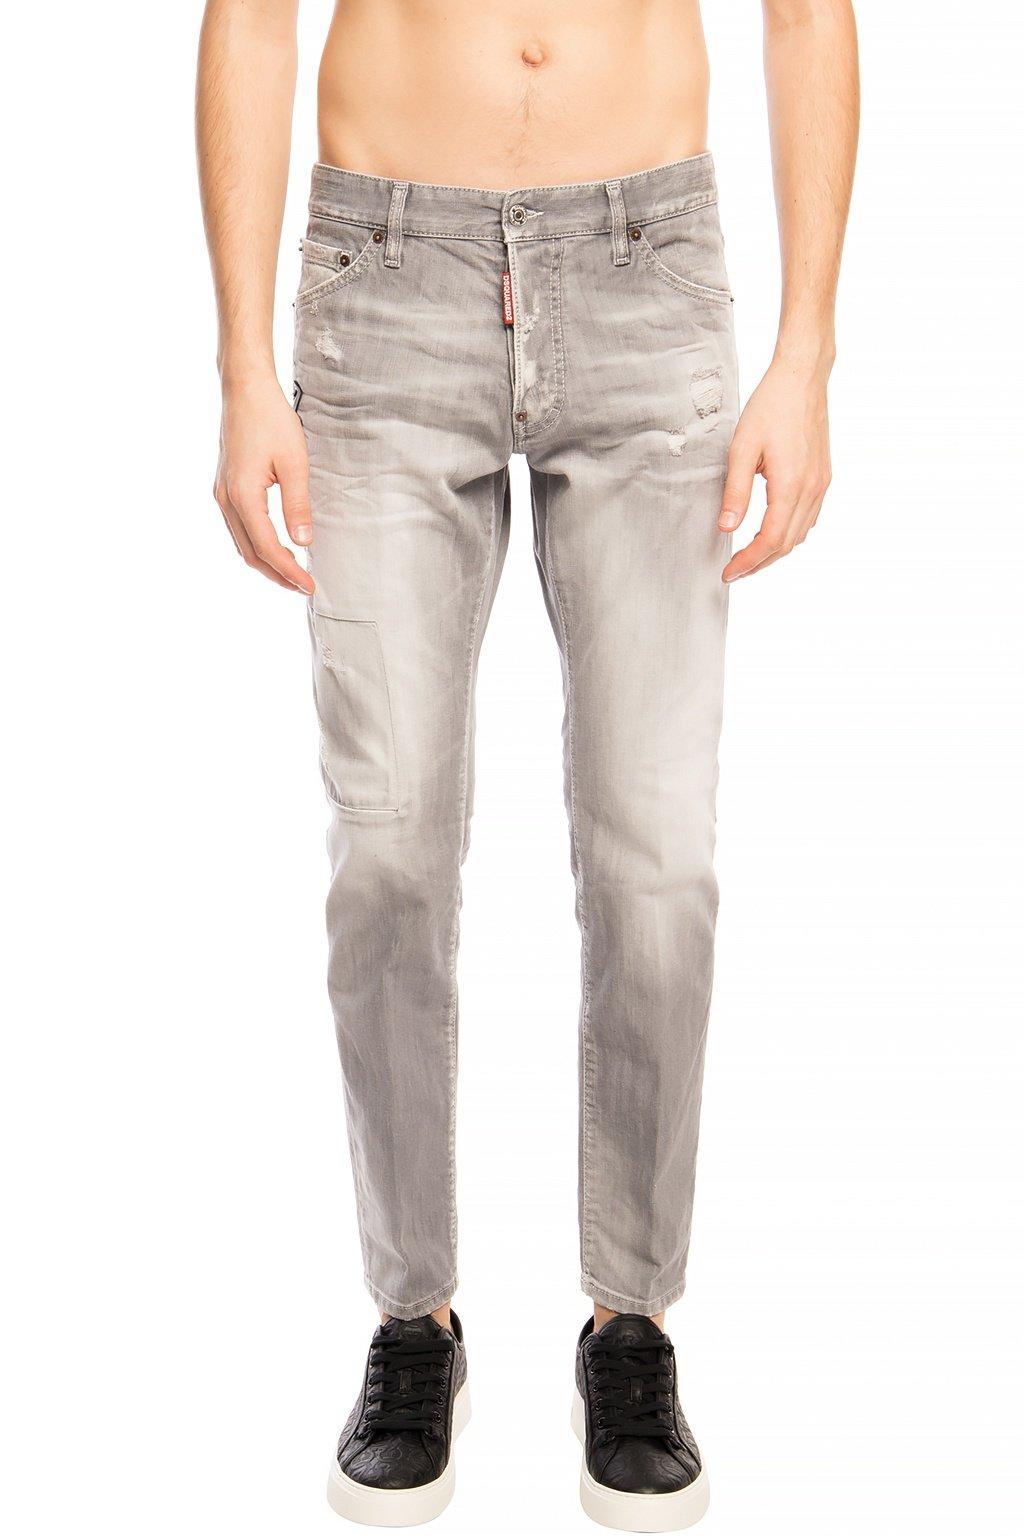 Dsquared² Men's Jeans Blue DS1432504 - IT48 | M